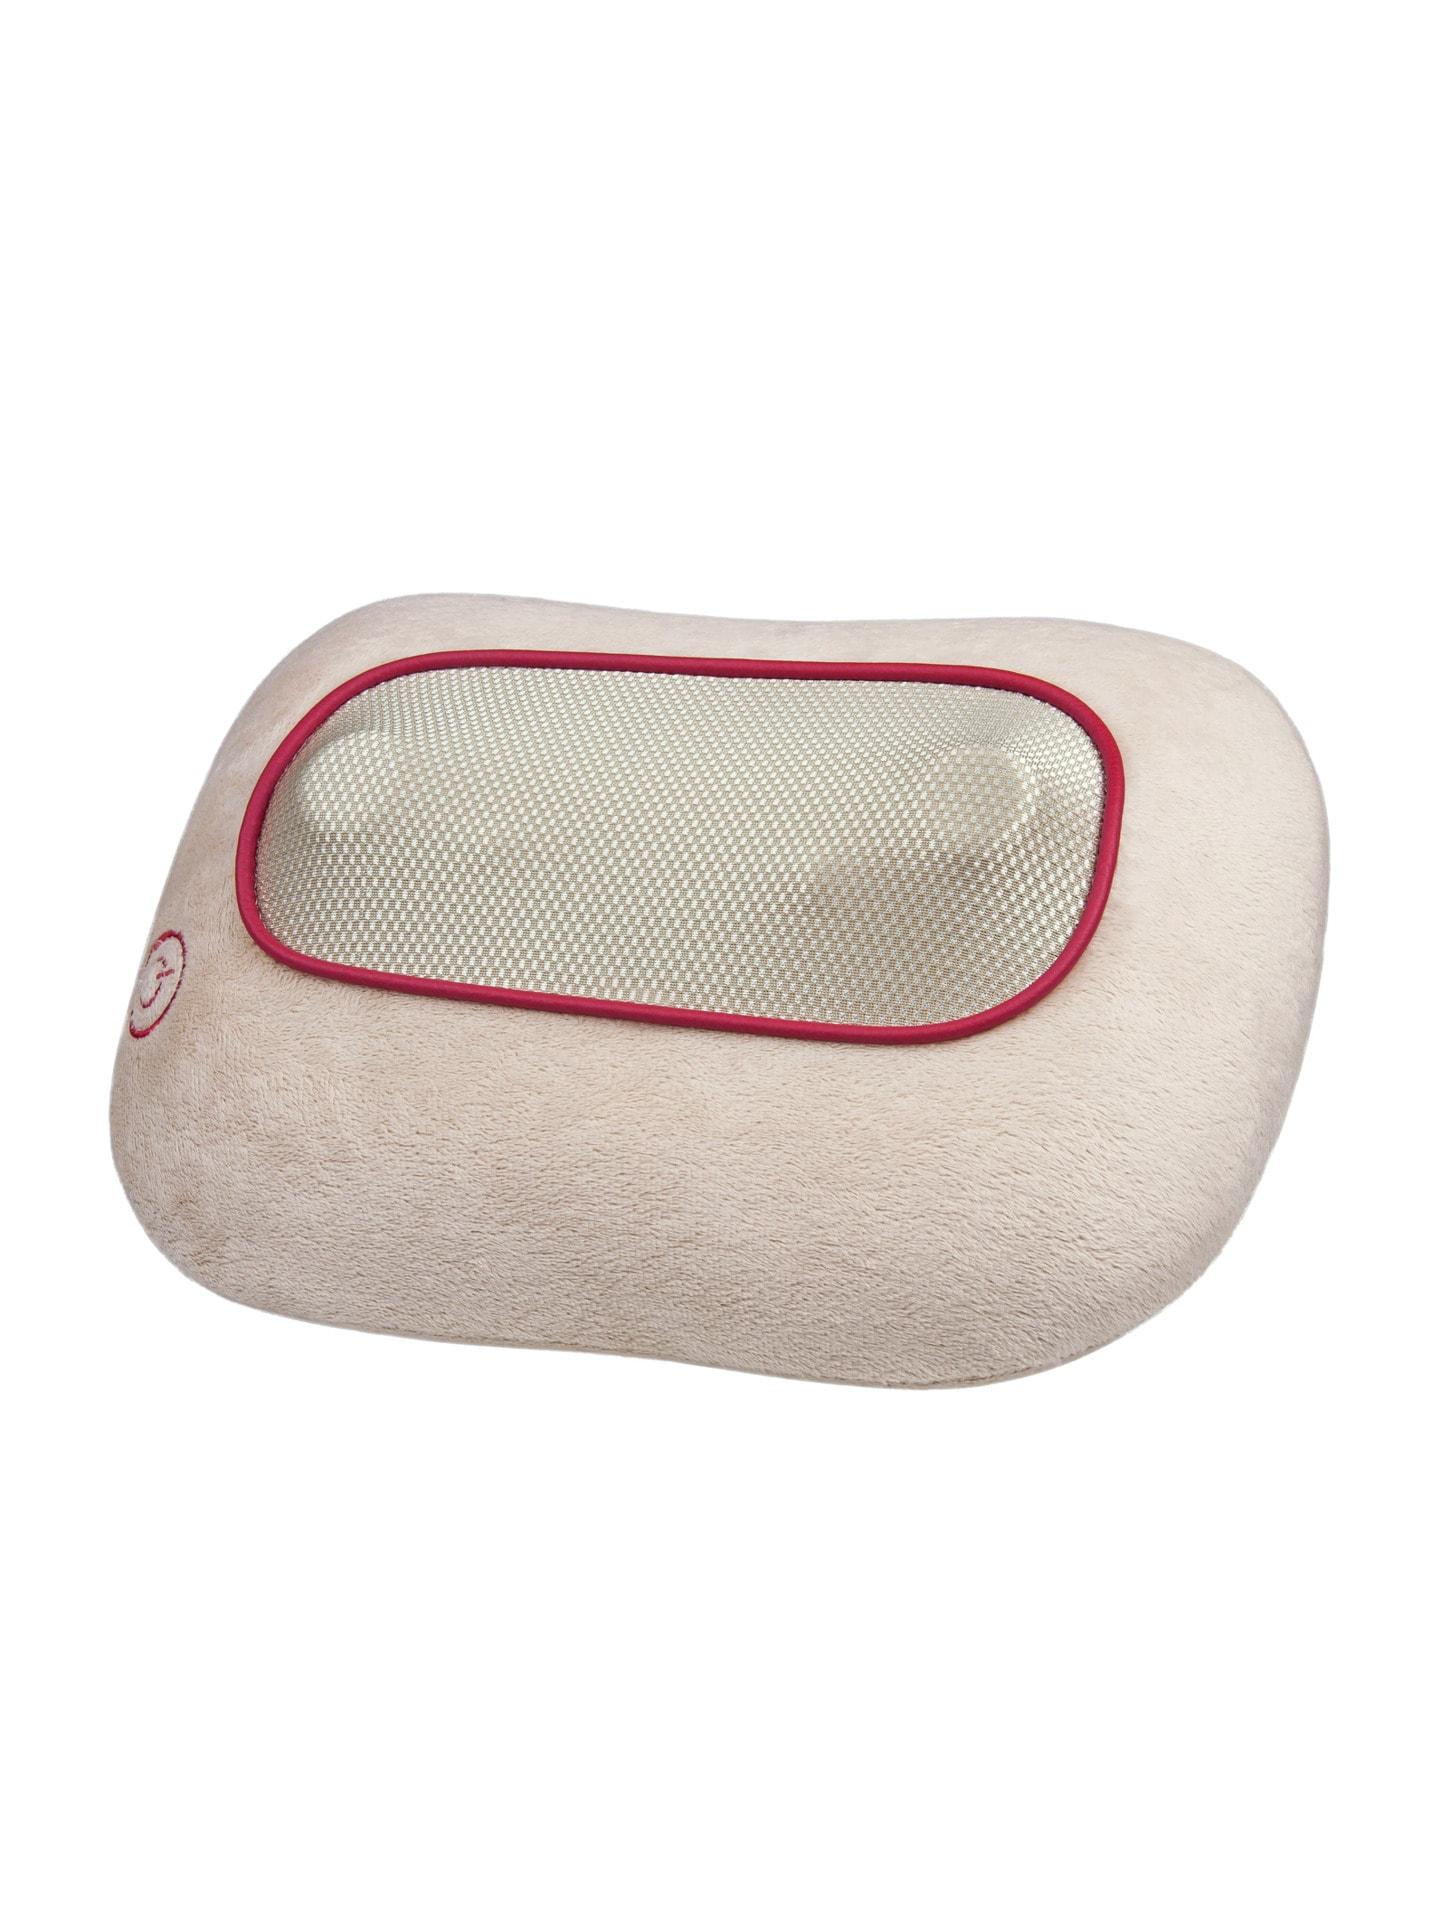 Avena Herren Shiatsu-Massagekissen Beige 61-0099-5